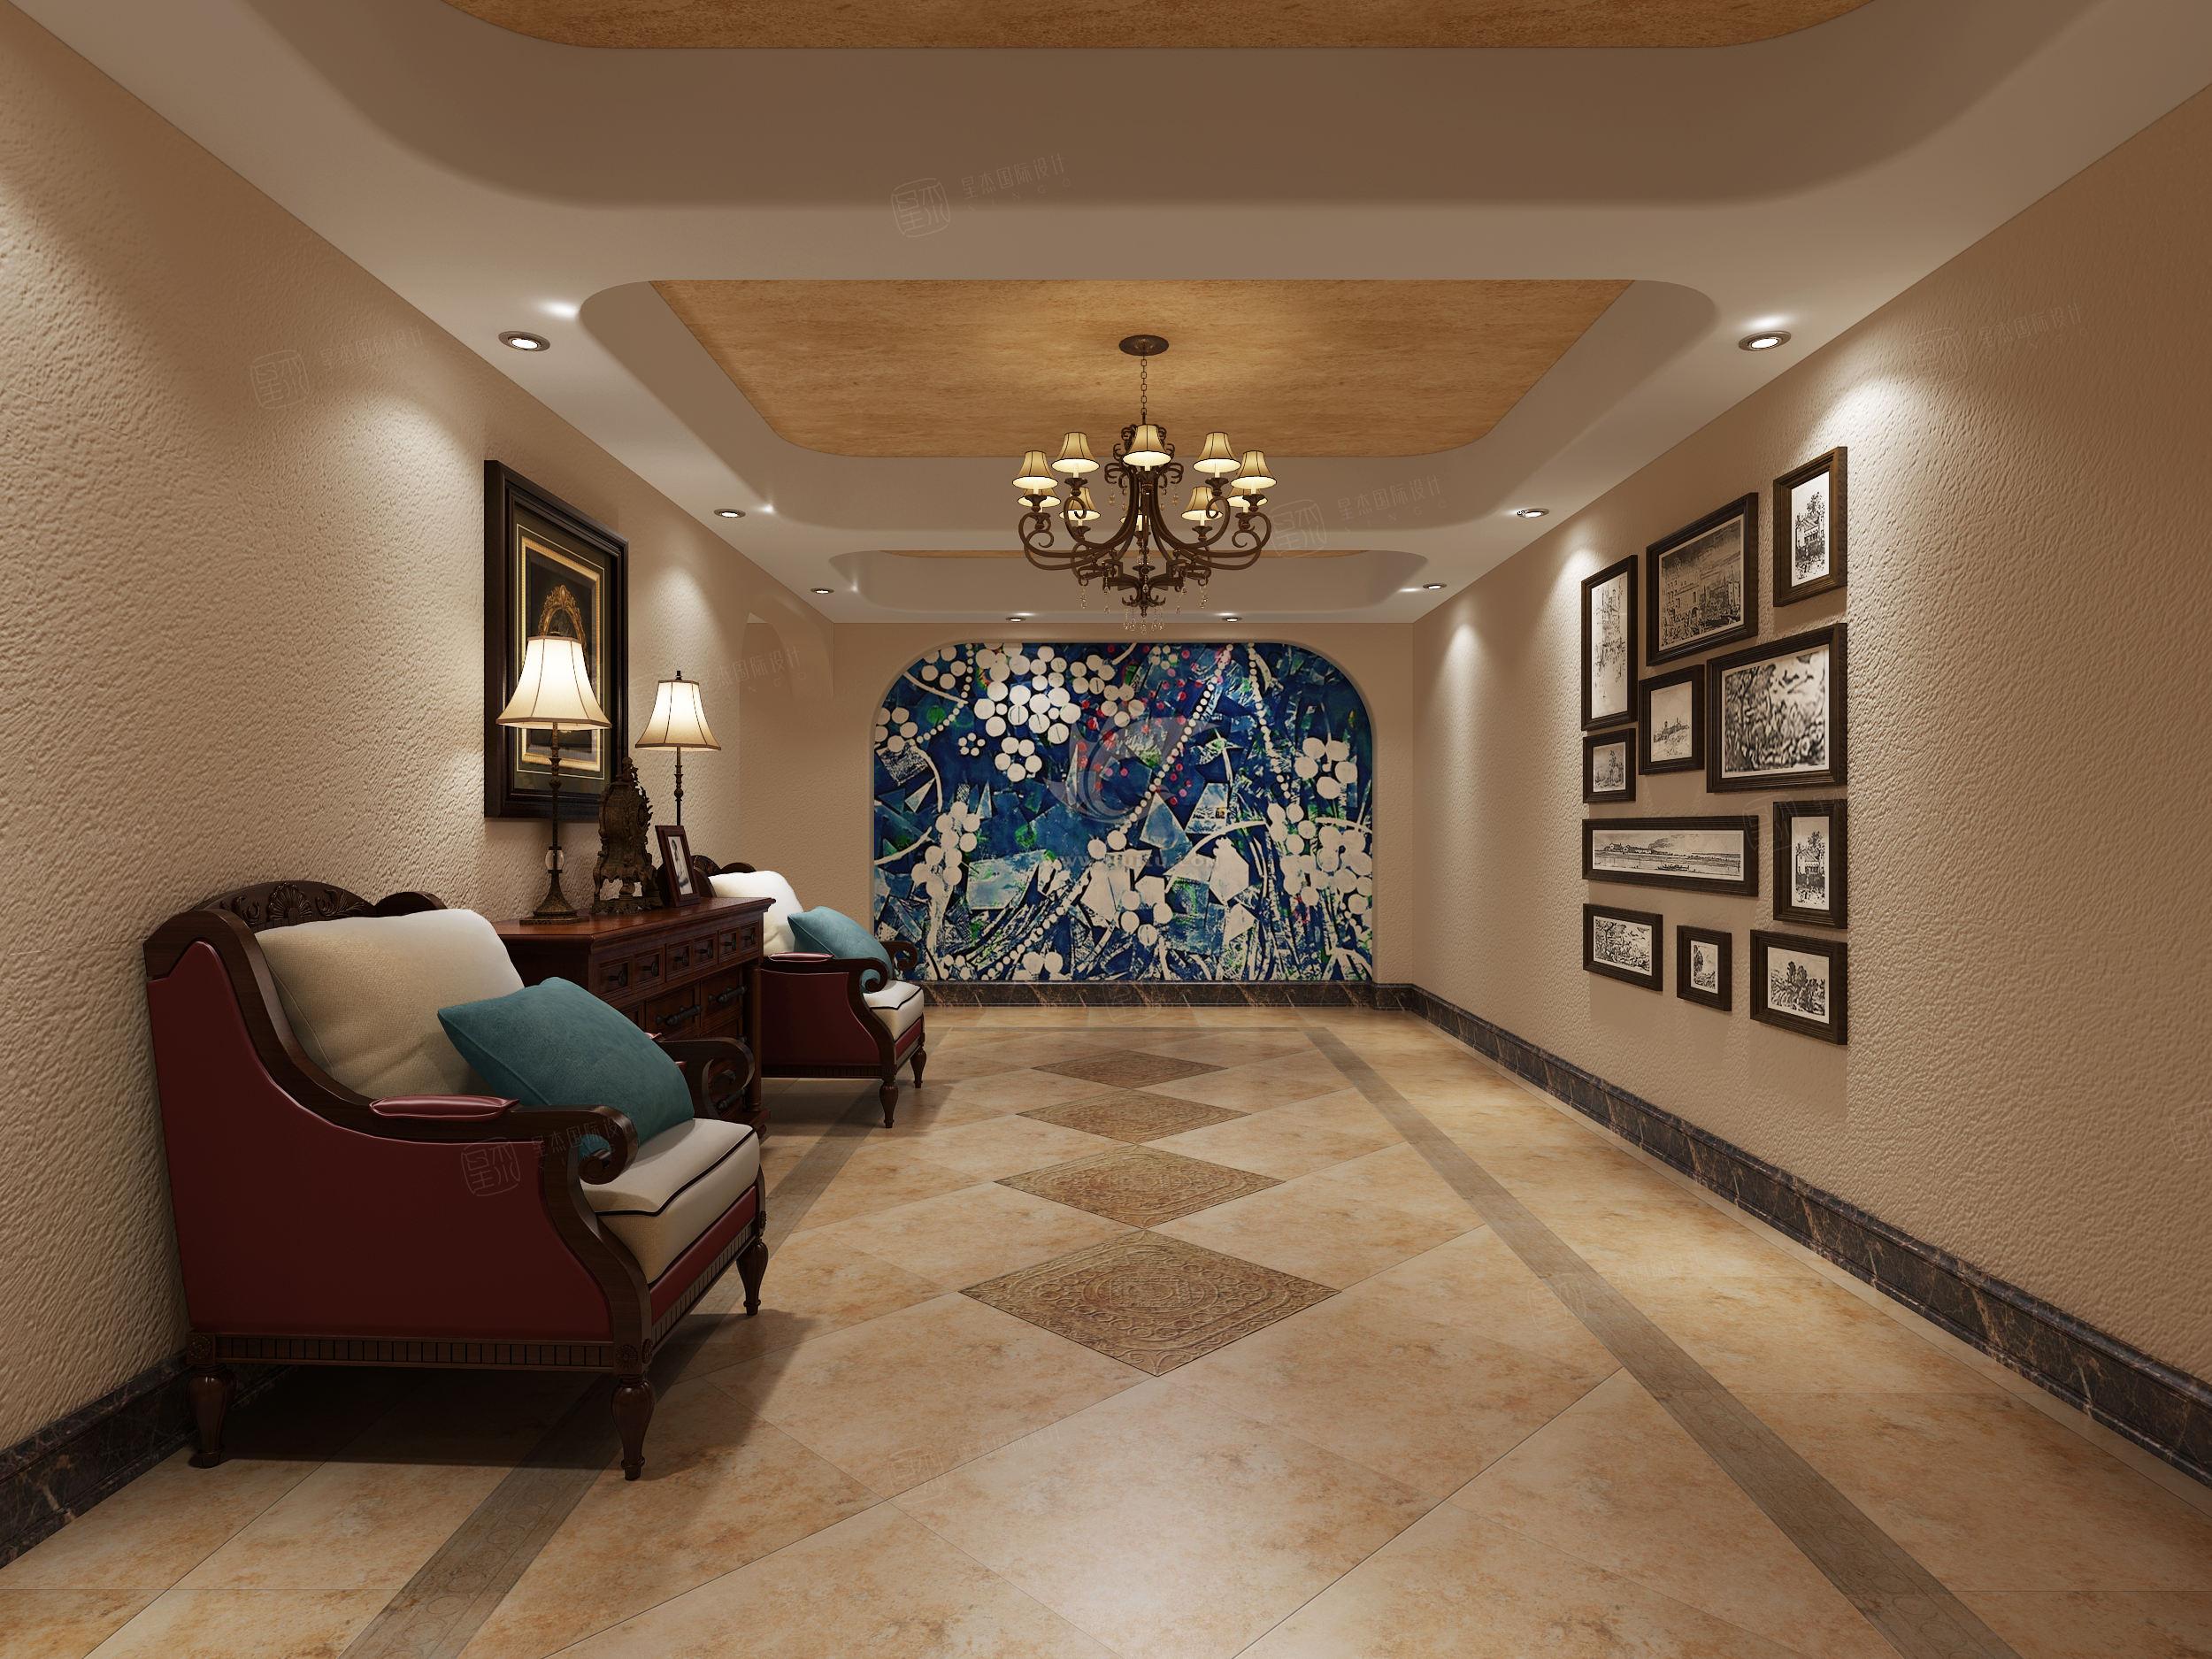 紫御豪庭 西班牙地中海装修会客厅效果图